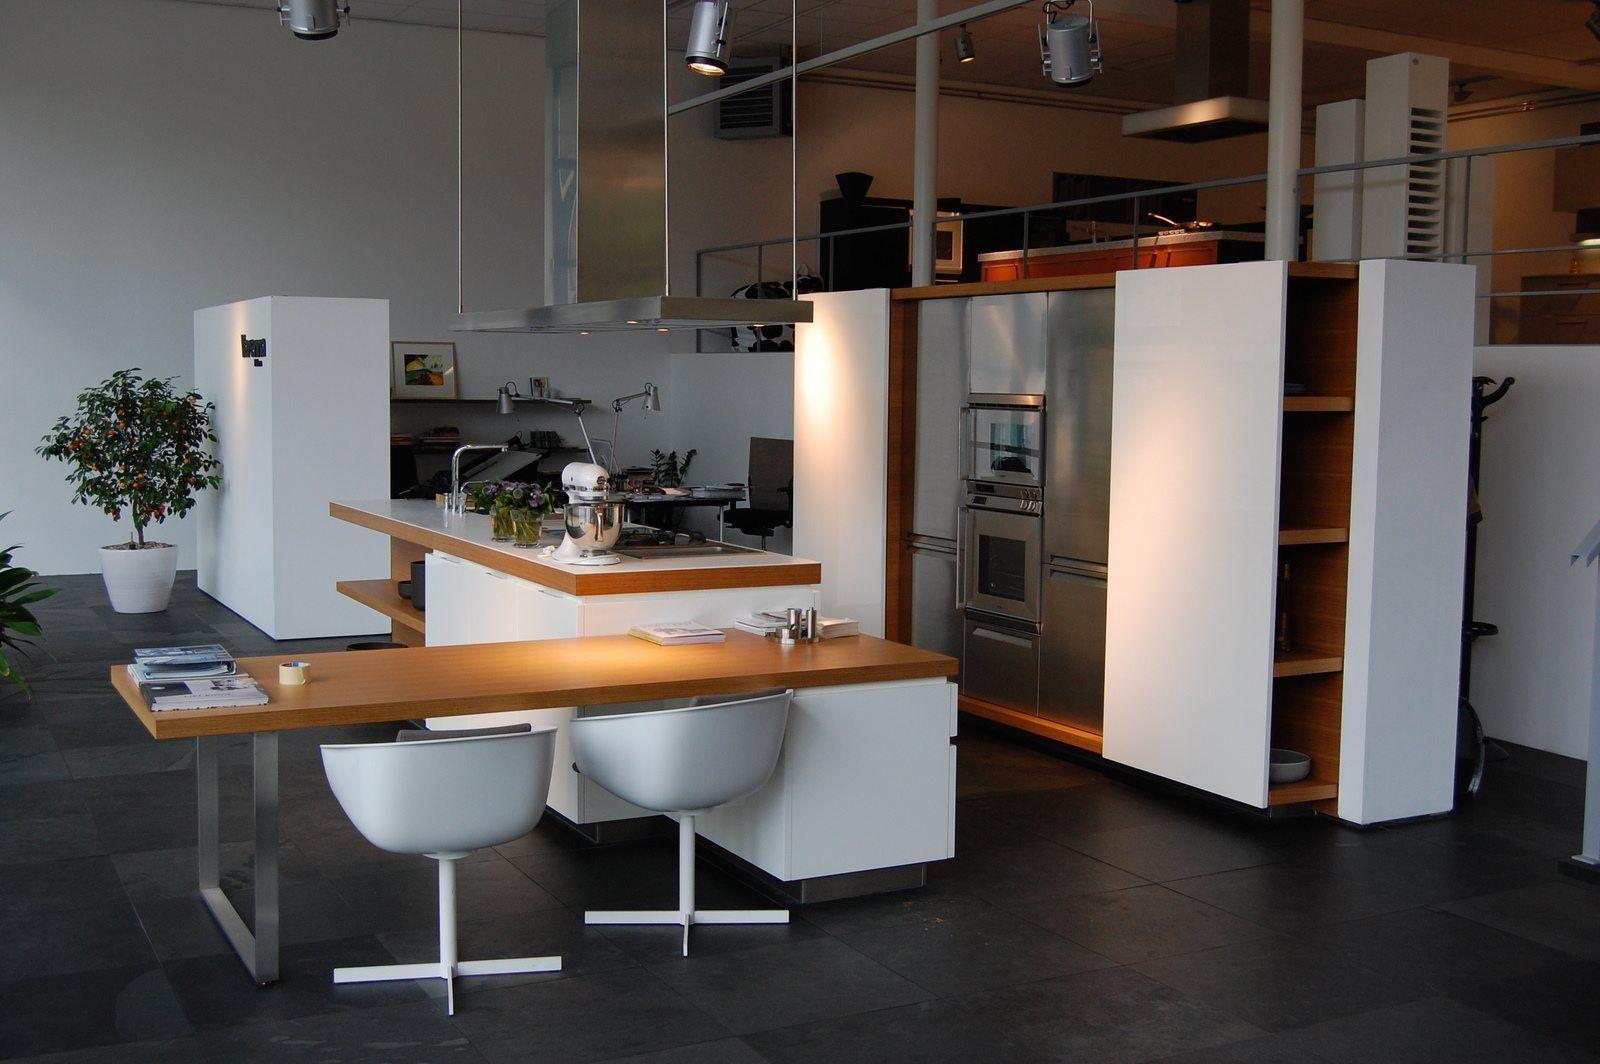 Idee keukentafel eiland for Keuken eiland met eethoek